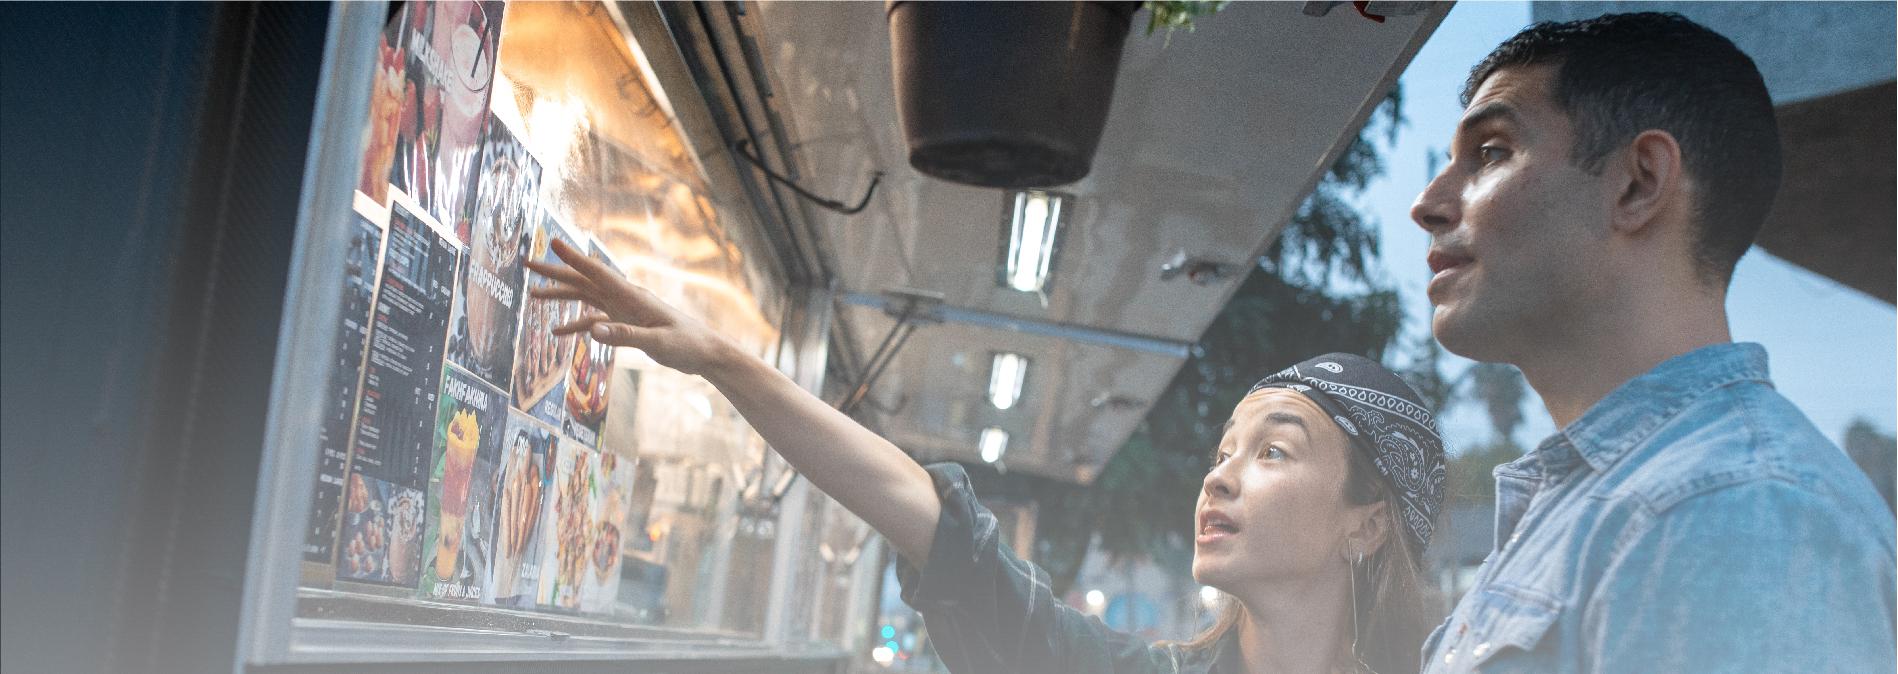 woman choosing street food